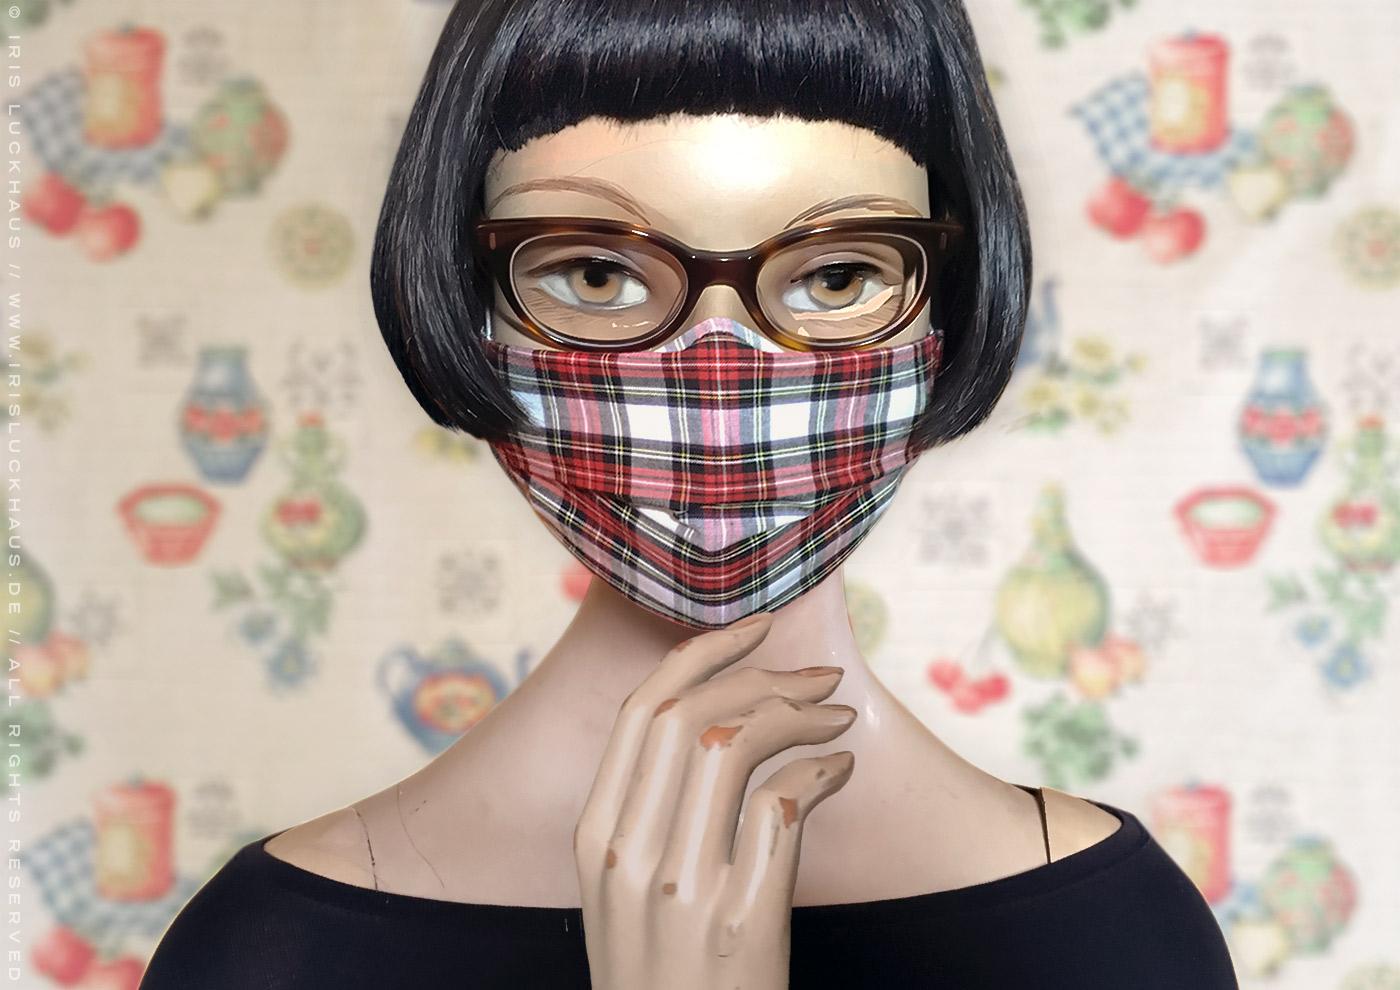 Optimierte Hybrid-Maske als Übermaske, Cover, Hülle oder Überzug; Alltagsmaske, Mund-Nase-Maske oder Mund-Nase-Bedeckung zum Selbstnähen mit Anleitung, Schnittmuster und Schablone auf Stoff mit Nasenbügel, Filteröffnung und Tunnelzug für Ohrhalter und Kopfbändel von Iris Luckhaus